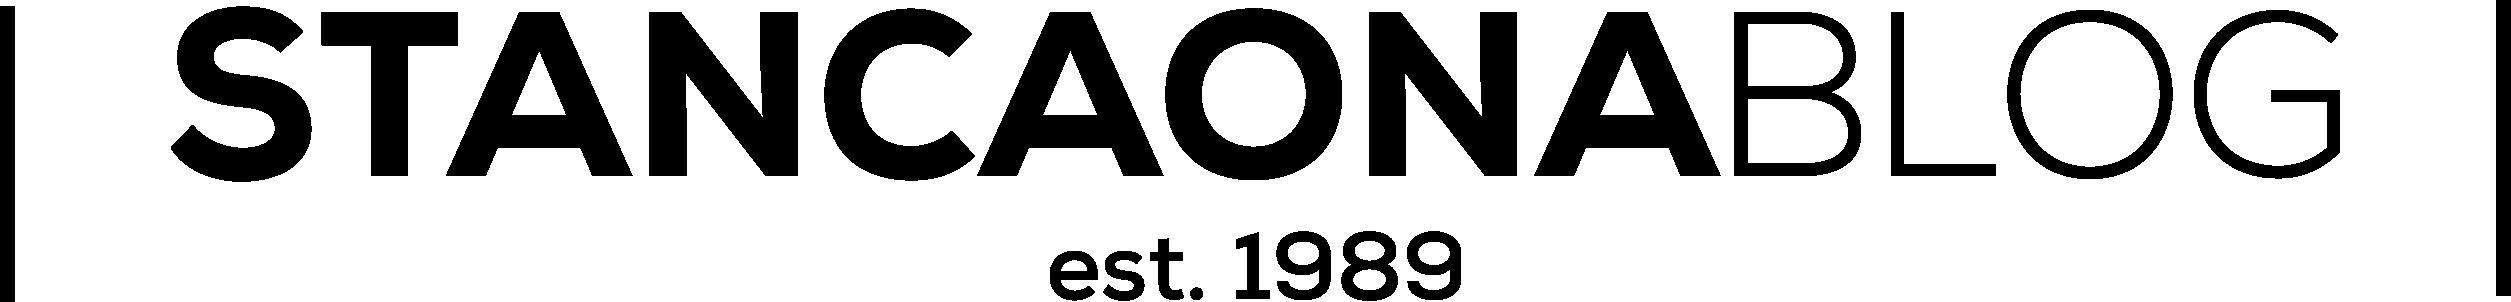 Štancaona